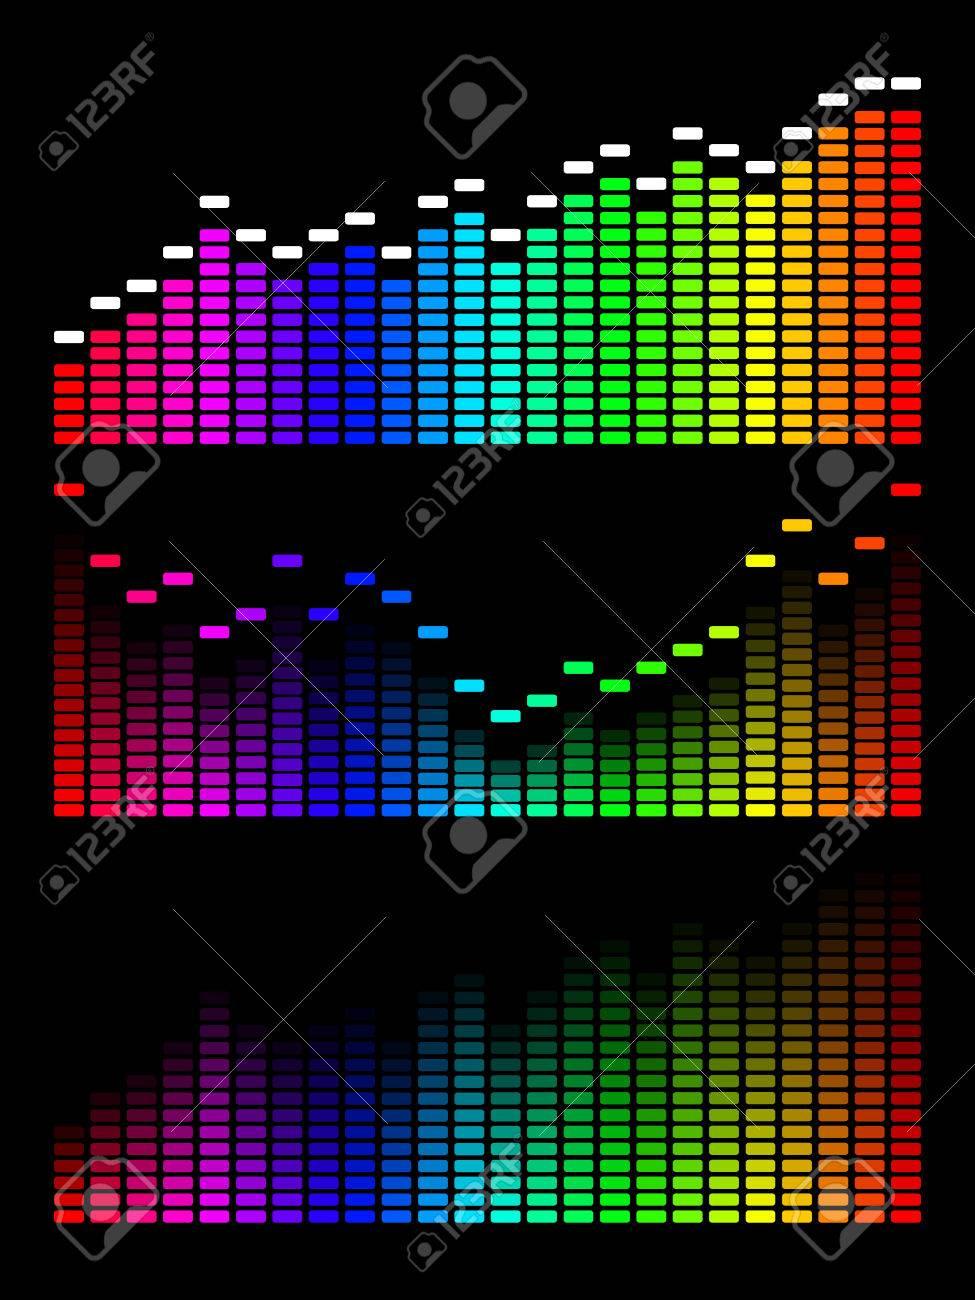 digital gradient equalizer. Volume wave background. Stock Vector - 8803642